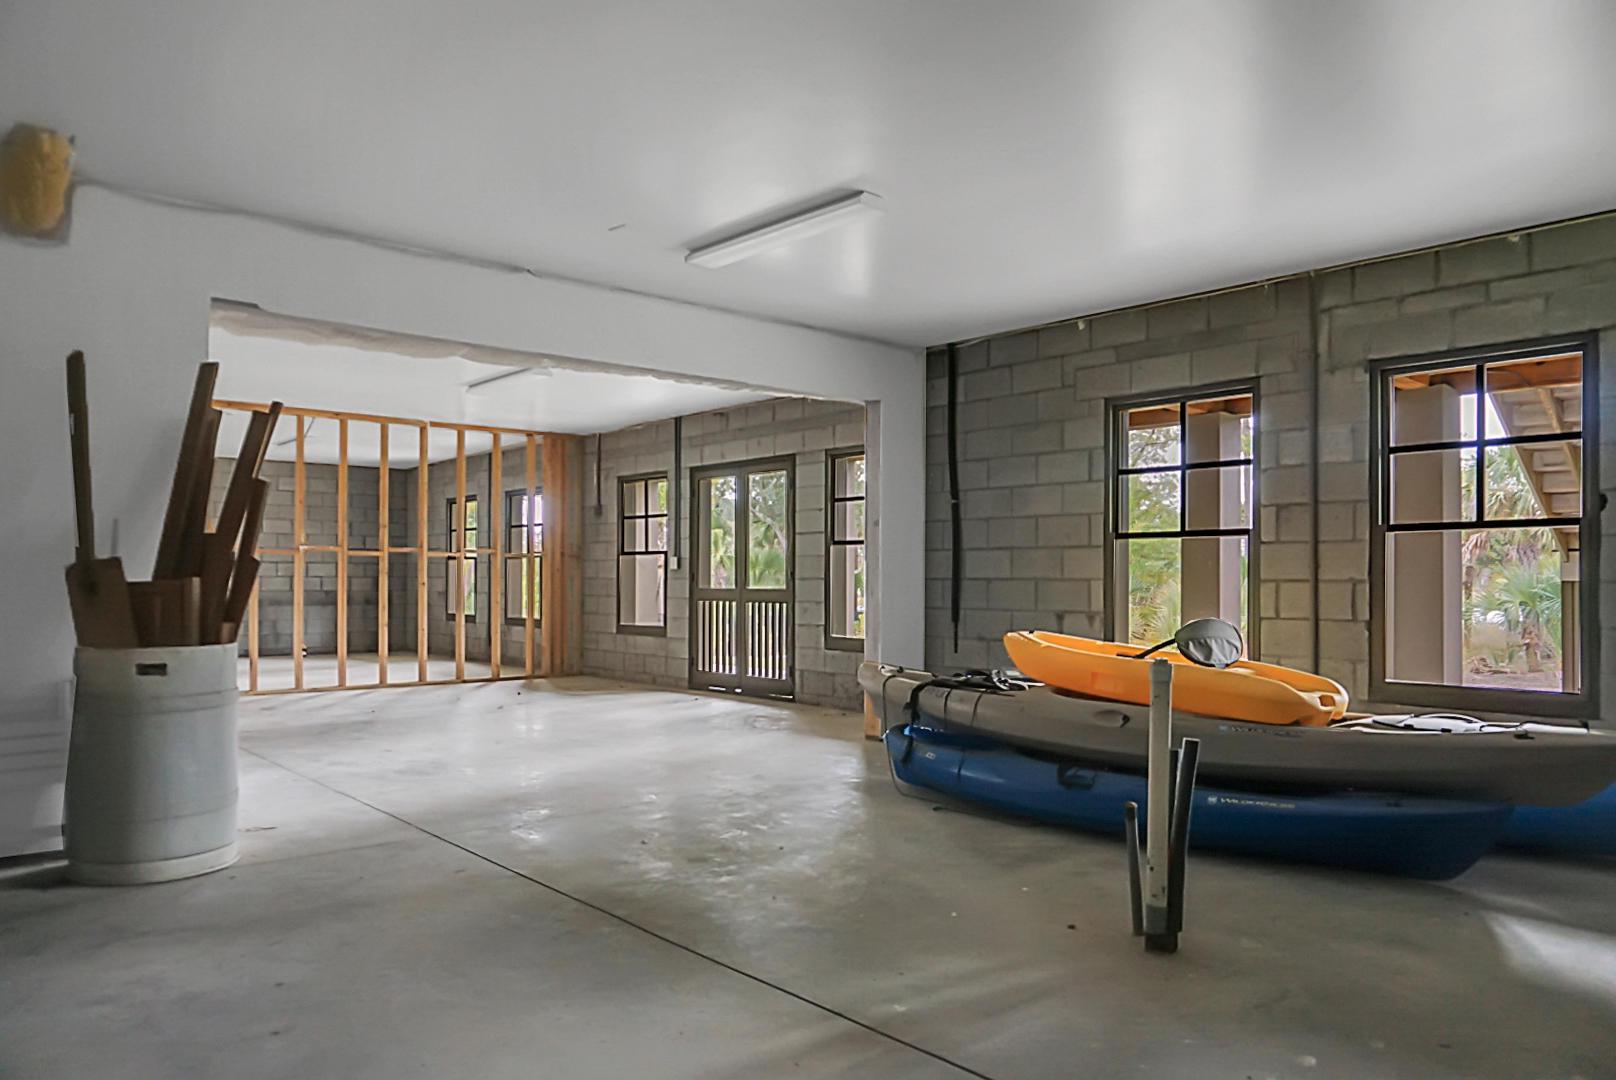 Dunes West Homes For Sale - 2978 River Vista, Mount Pleasant, SC - 53